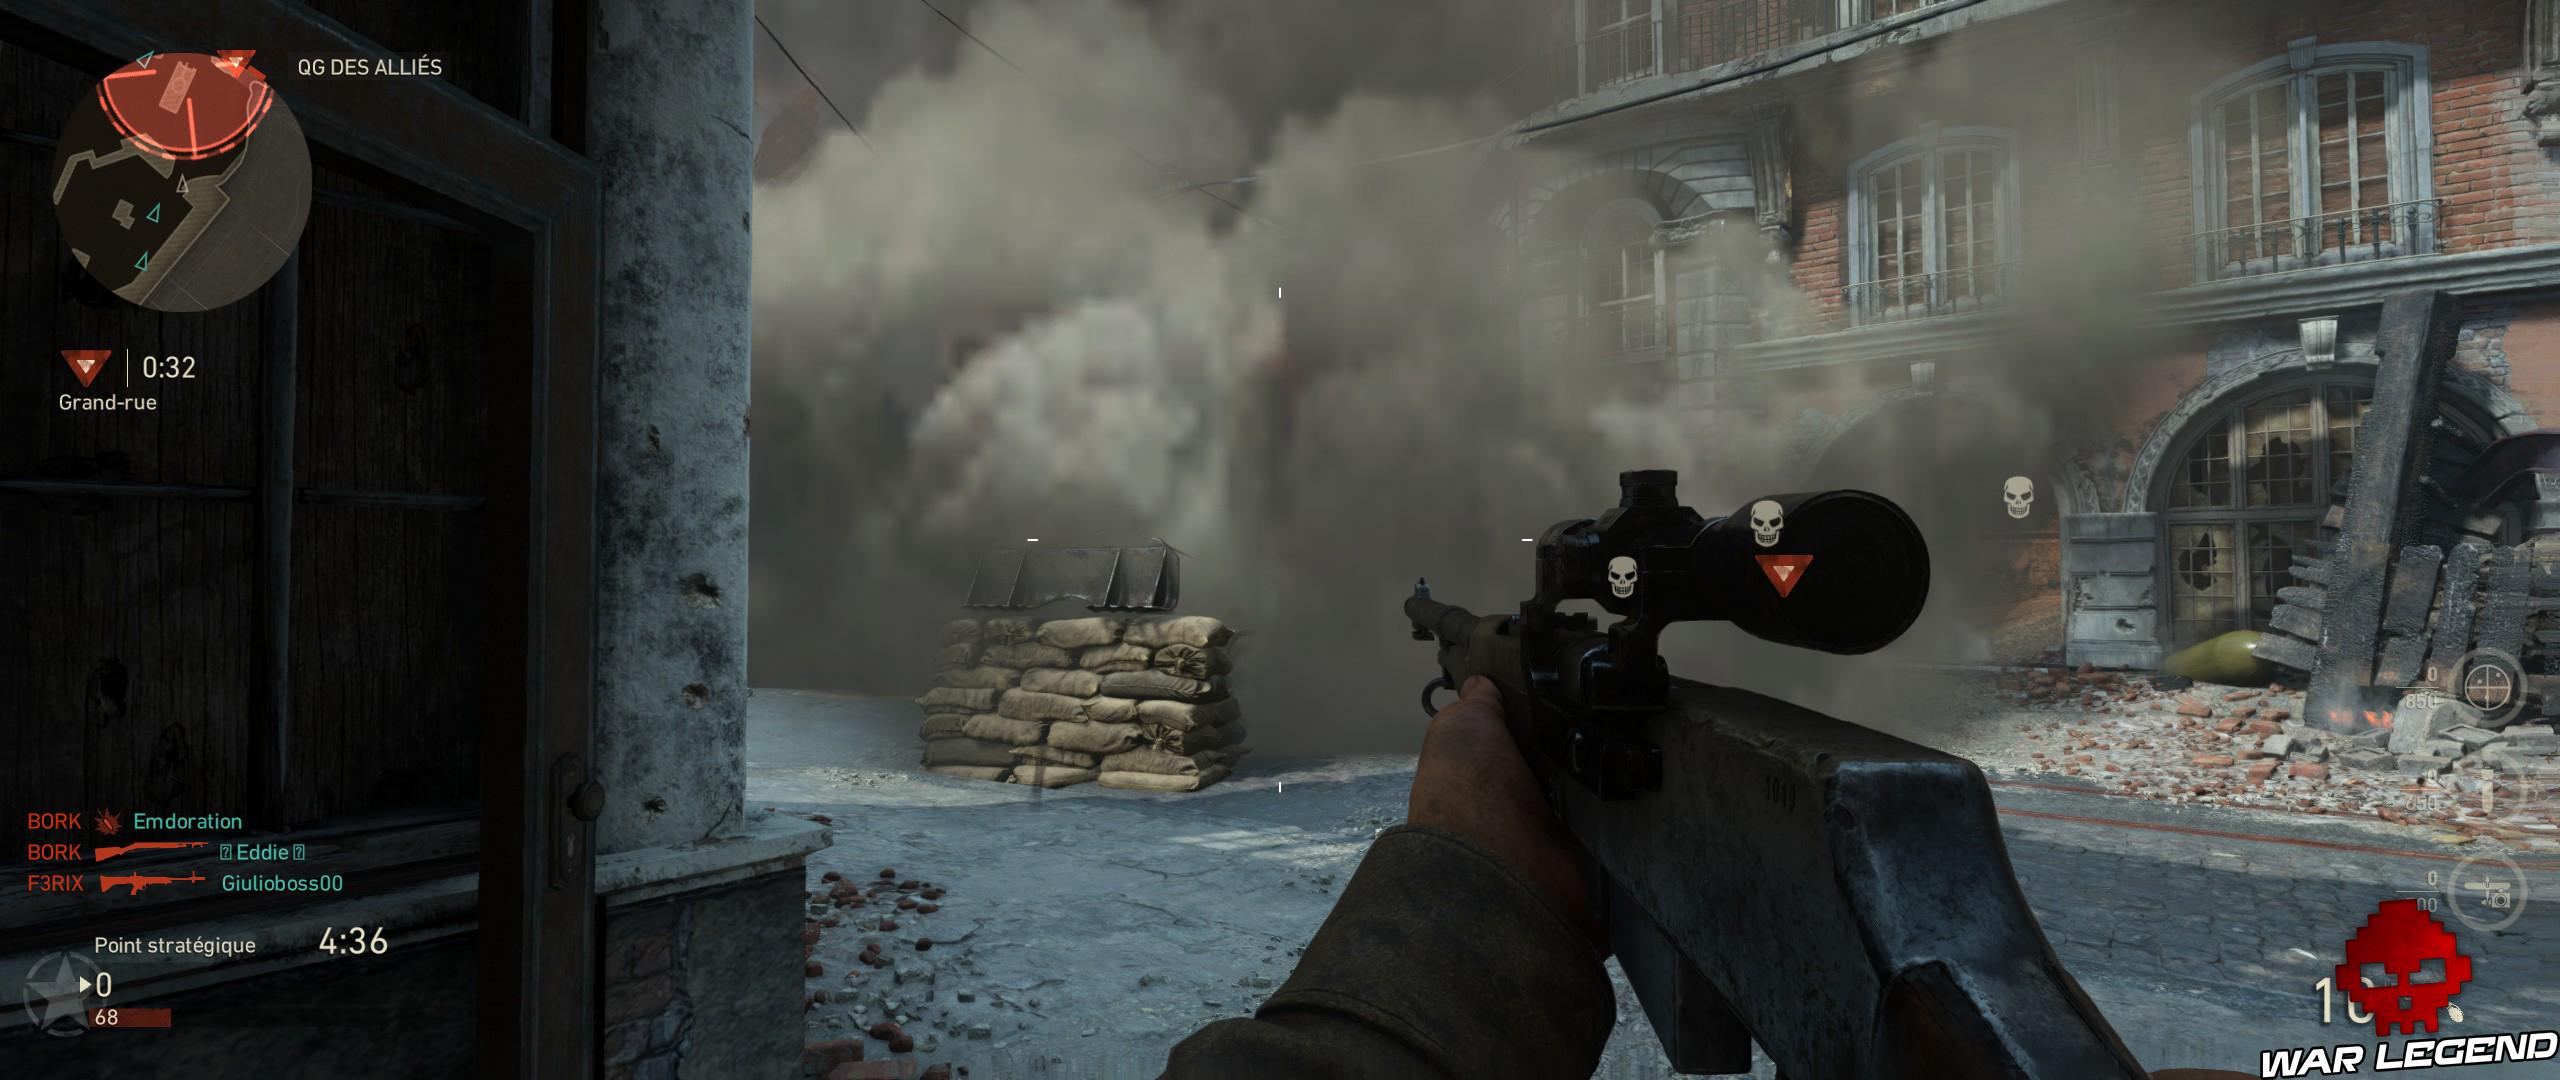 nuage de fumée, sniper au premier plan